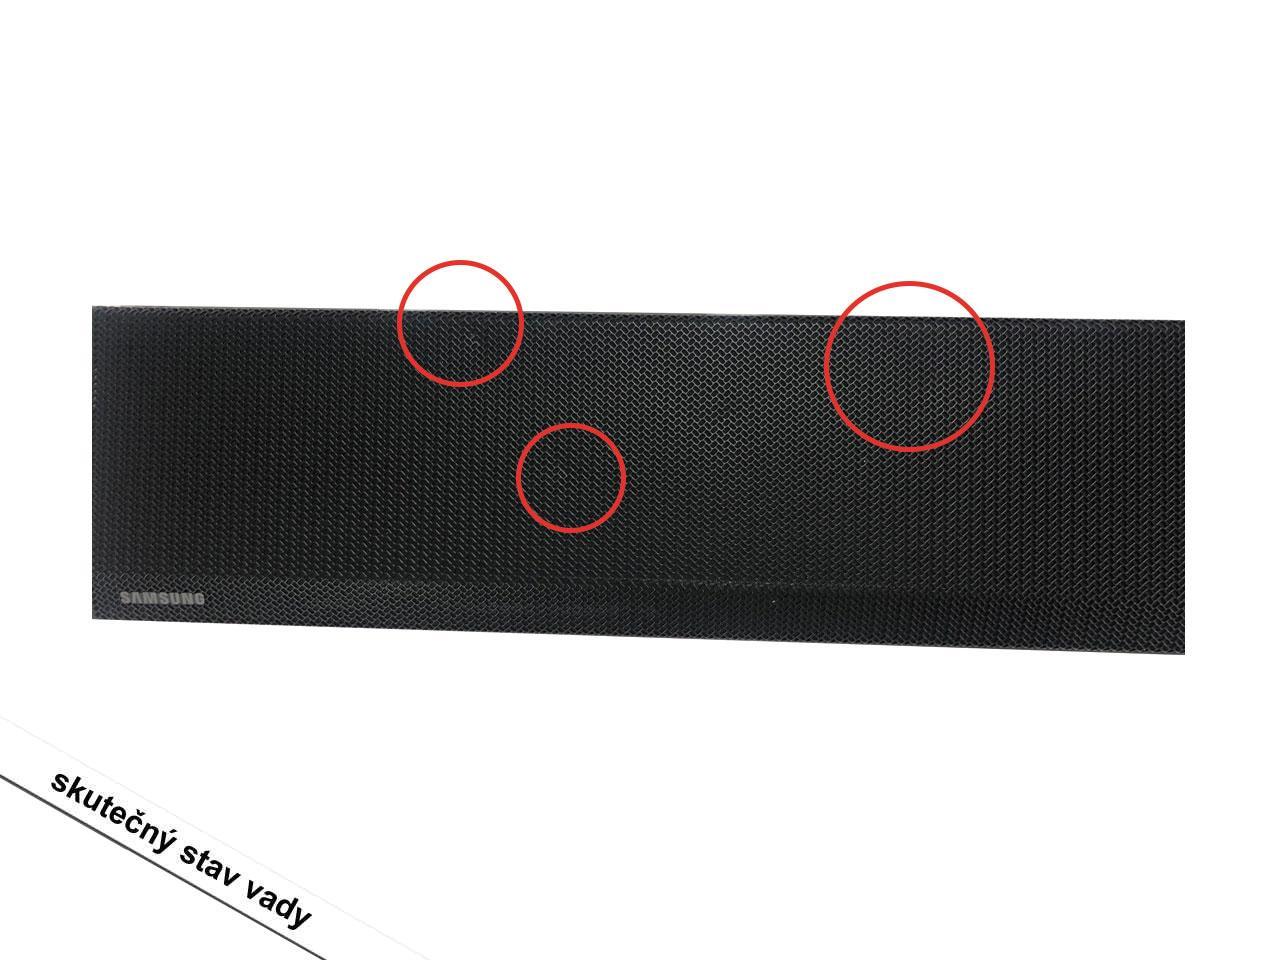 Soundbar SAMSUNG HW-Q800T